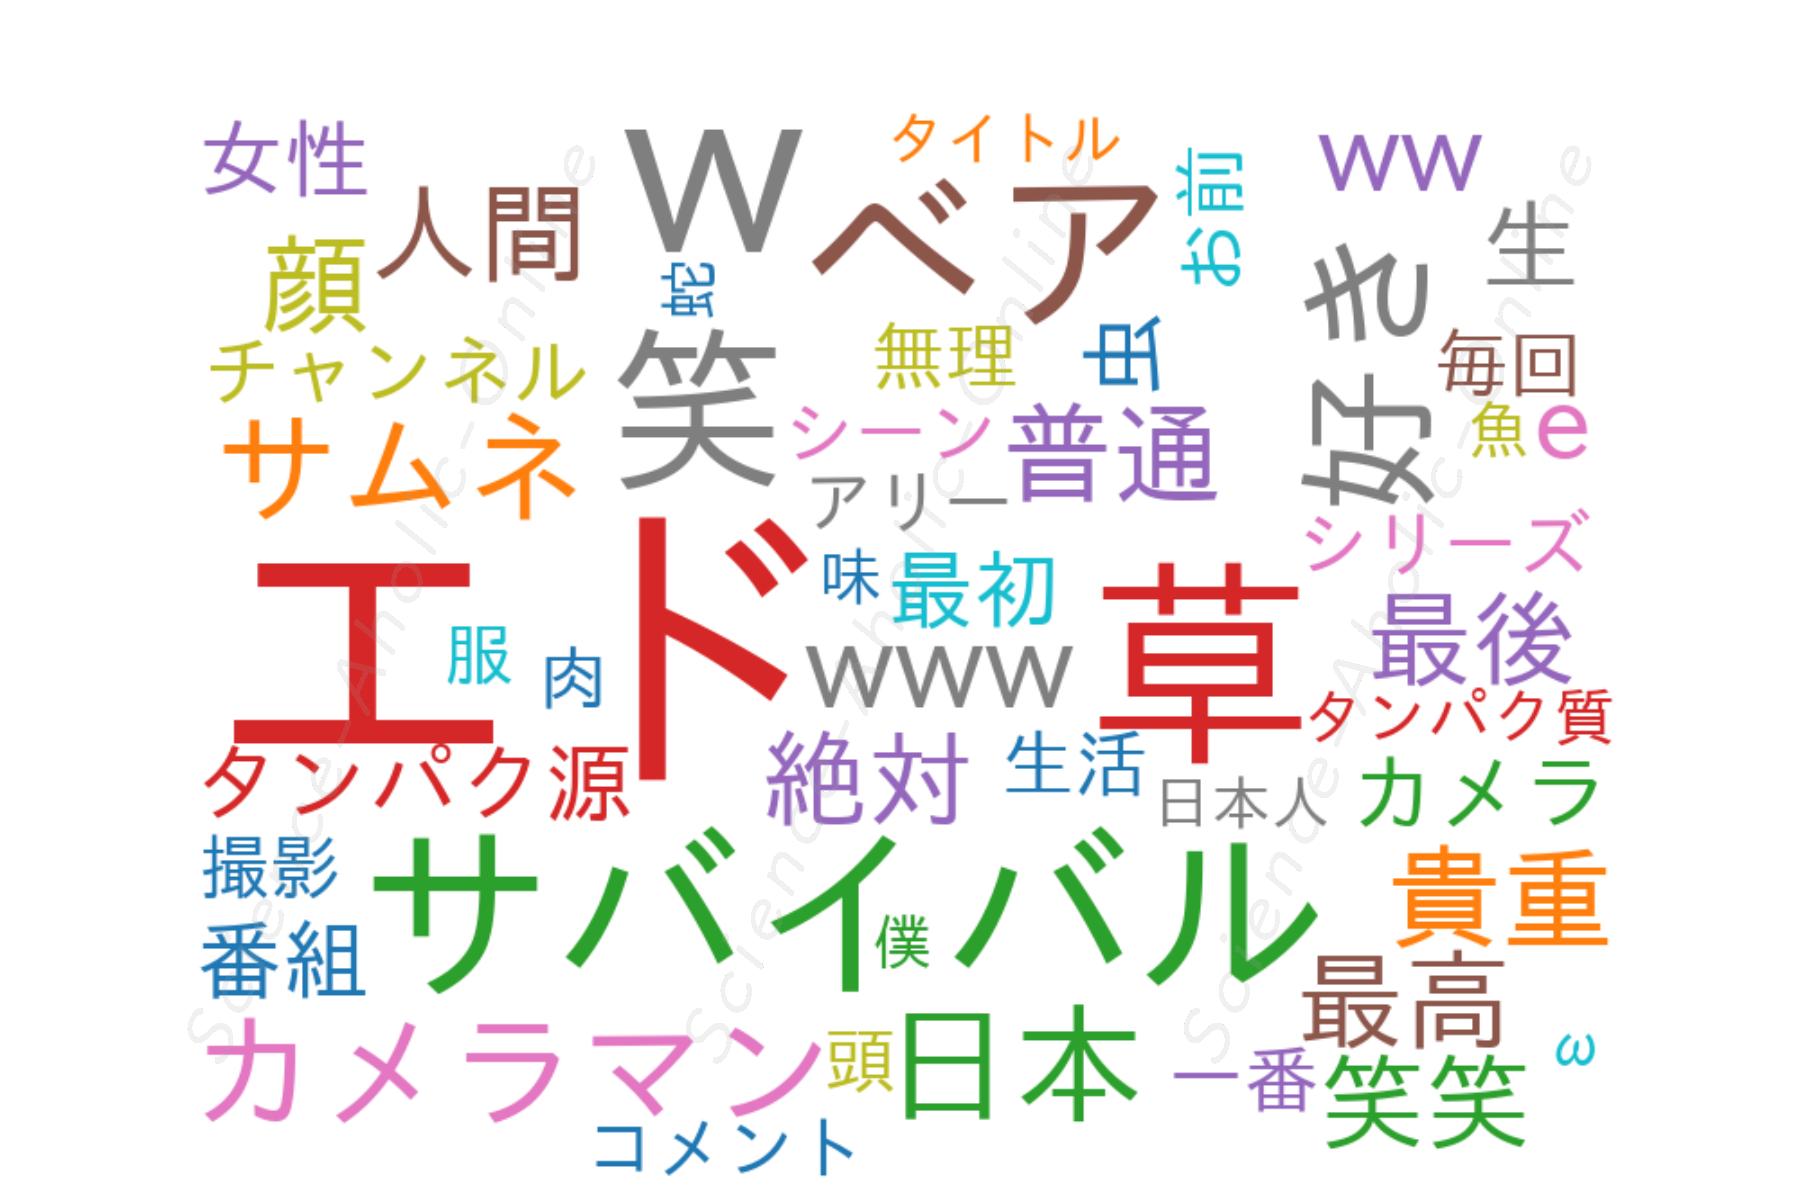 wordcloud_ディスカバリーチャンネル